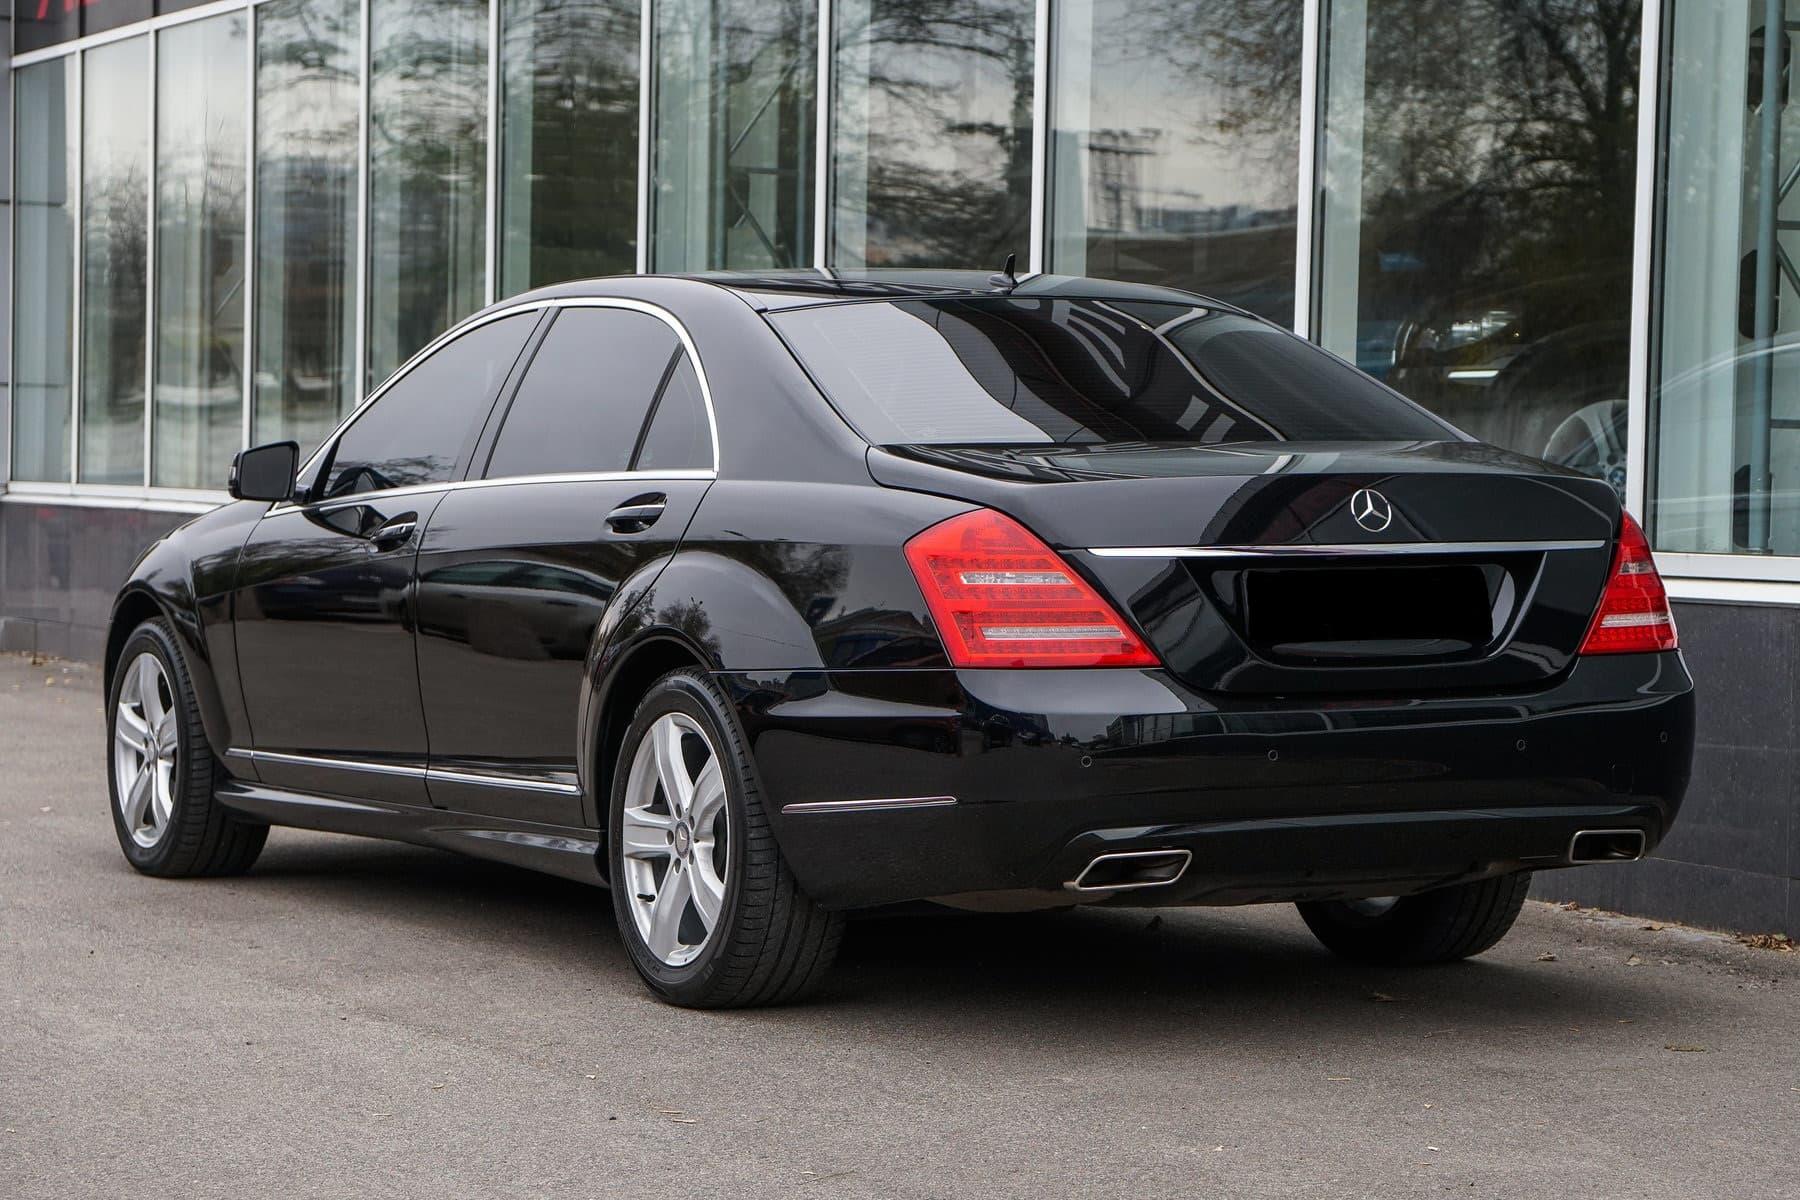 Mercedes-Benz S550 W221 4-matic - фото 4